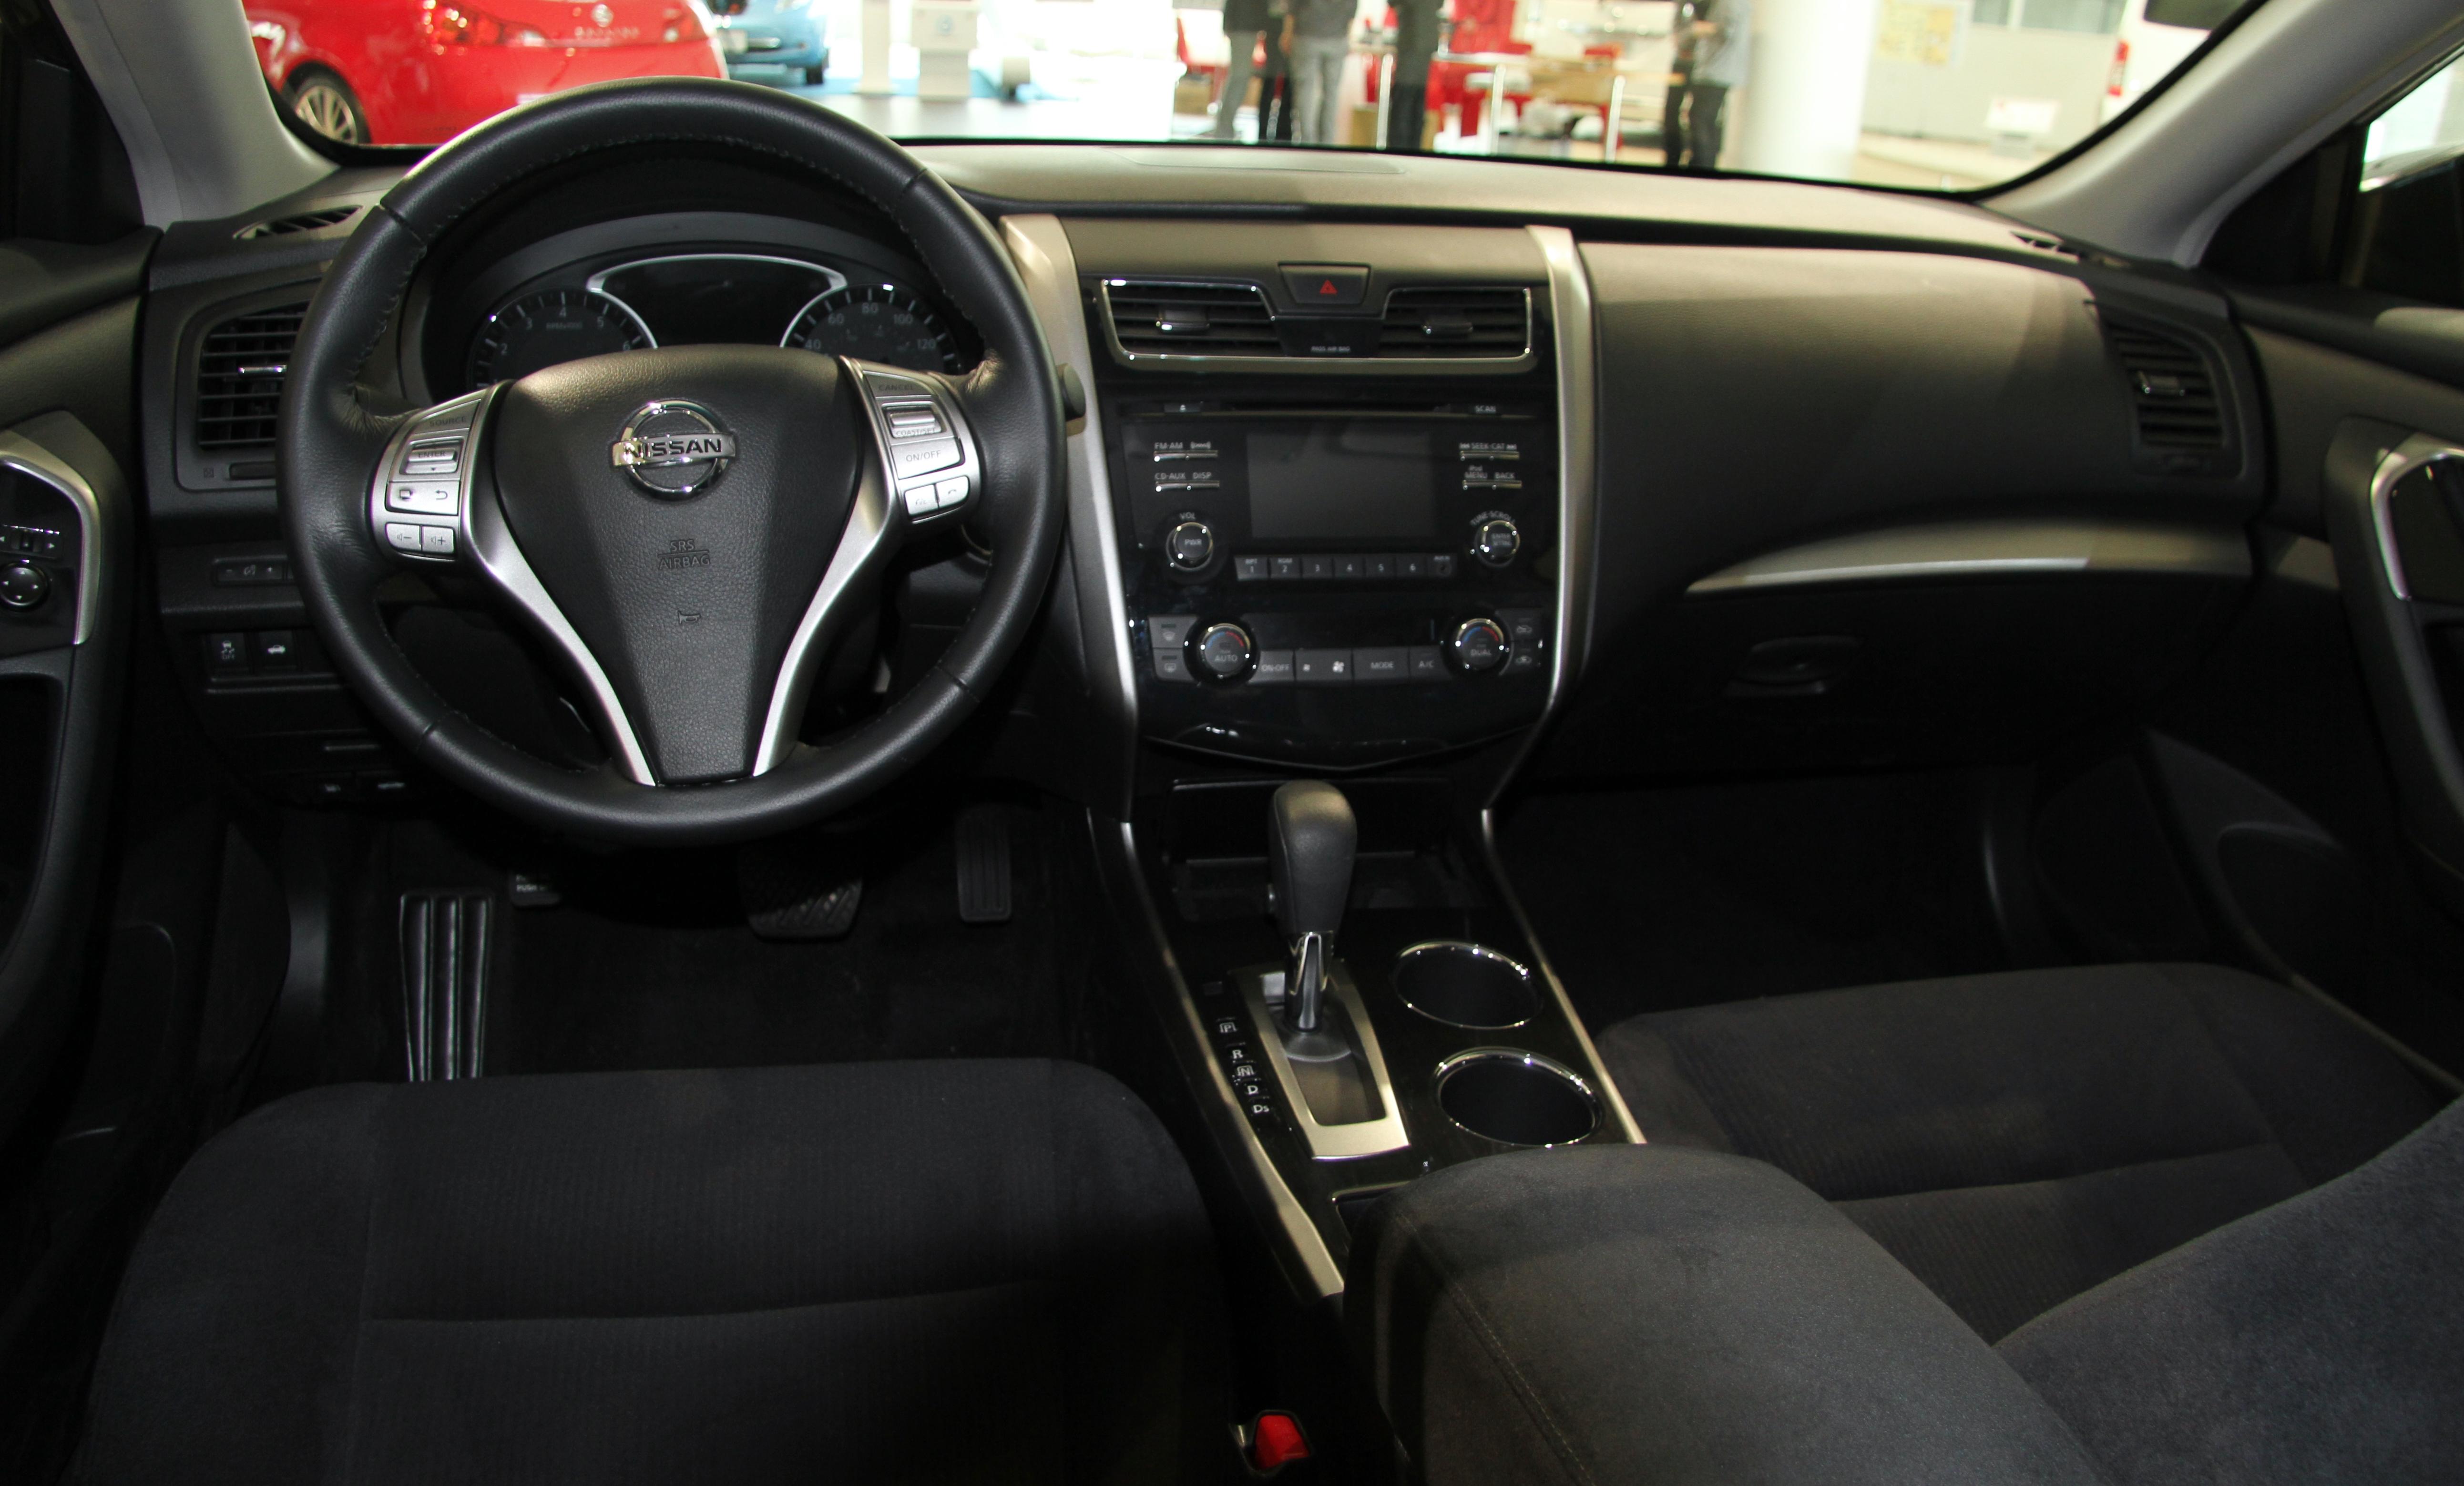 2006 Nissan Altima Interior Dimensions